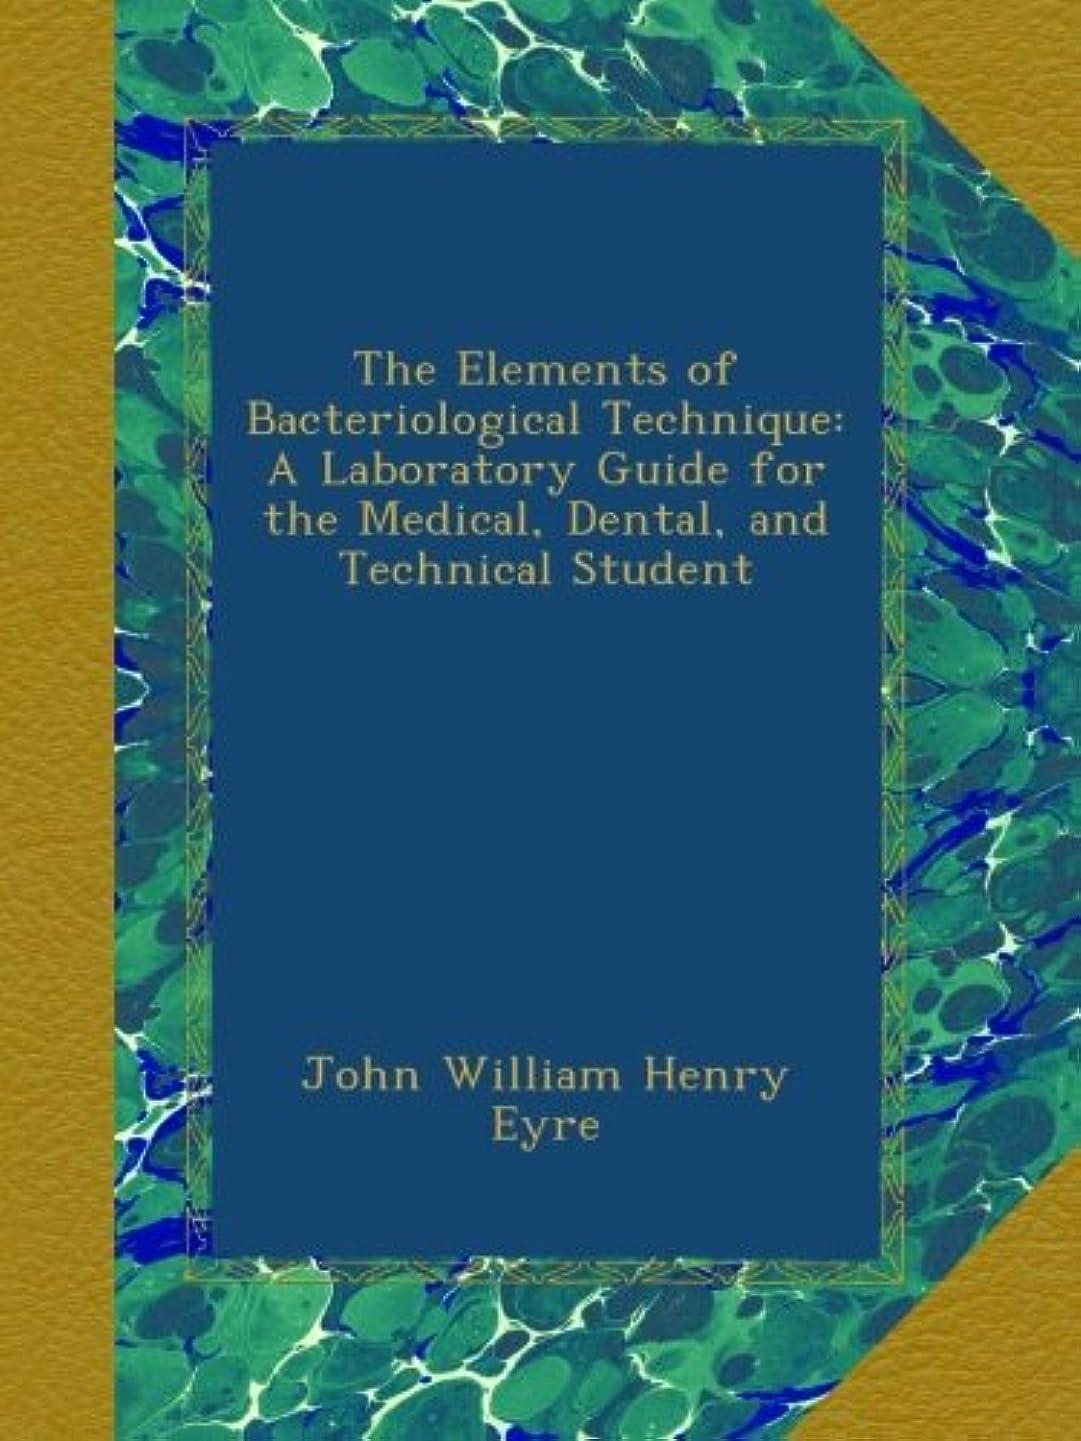 要塞ヘルシーうれしいThe Elements of Bacteriological Technique: A Laboratory Guide for the Medical, Dental, and Technical Student